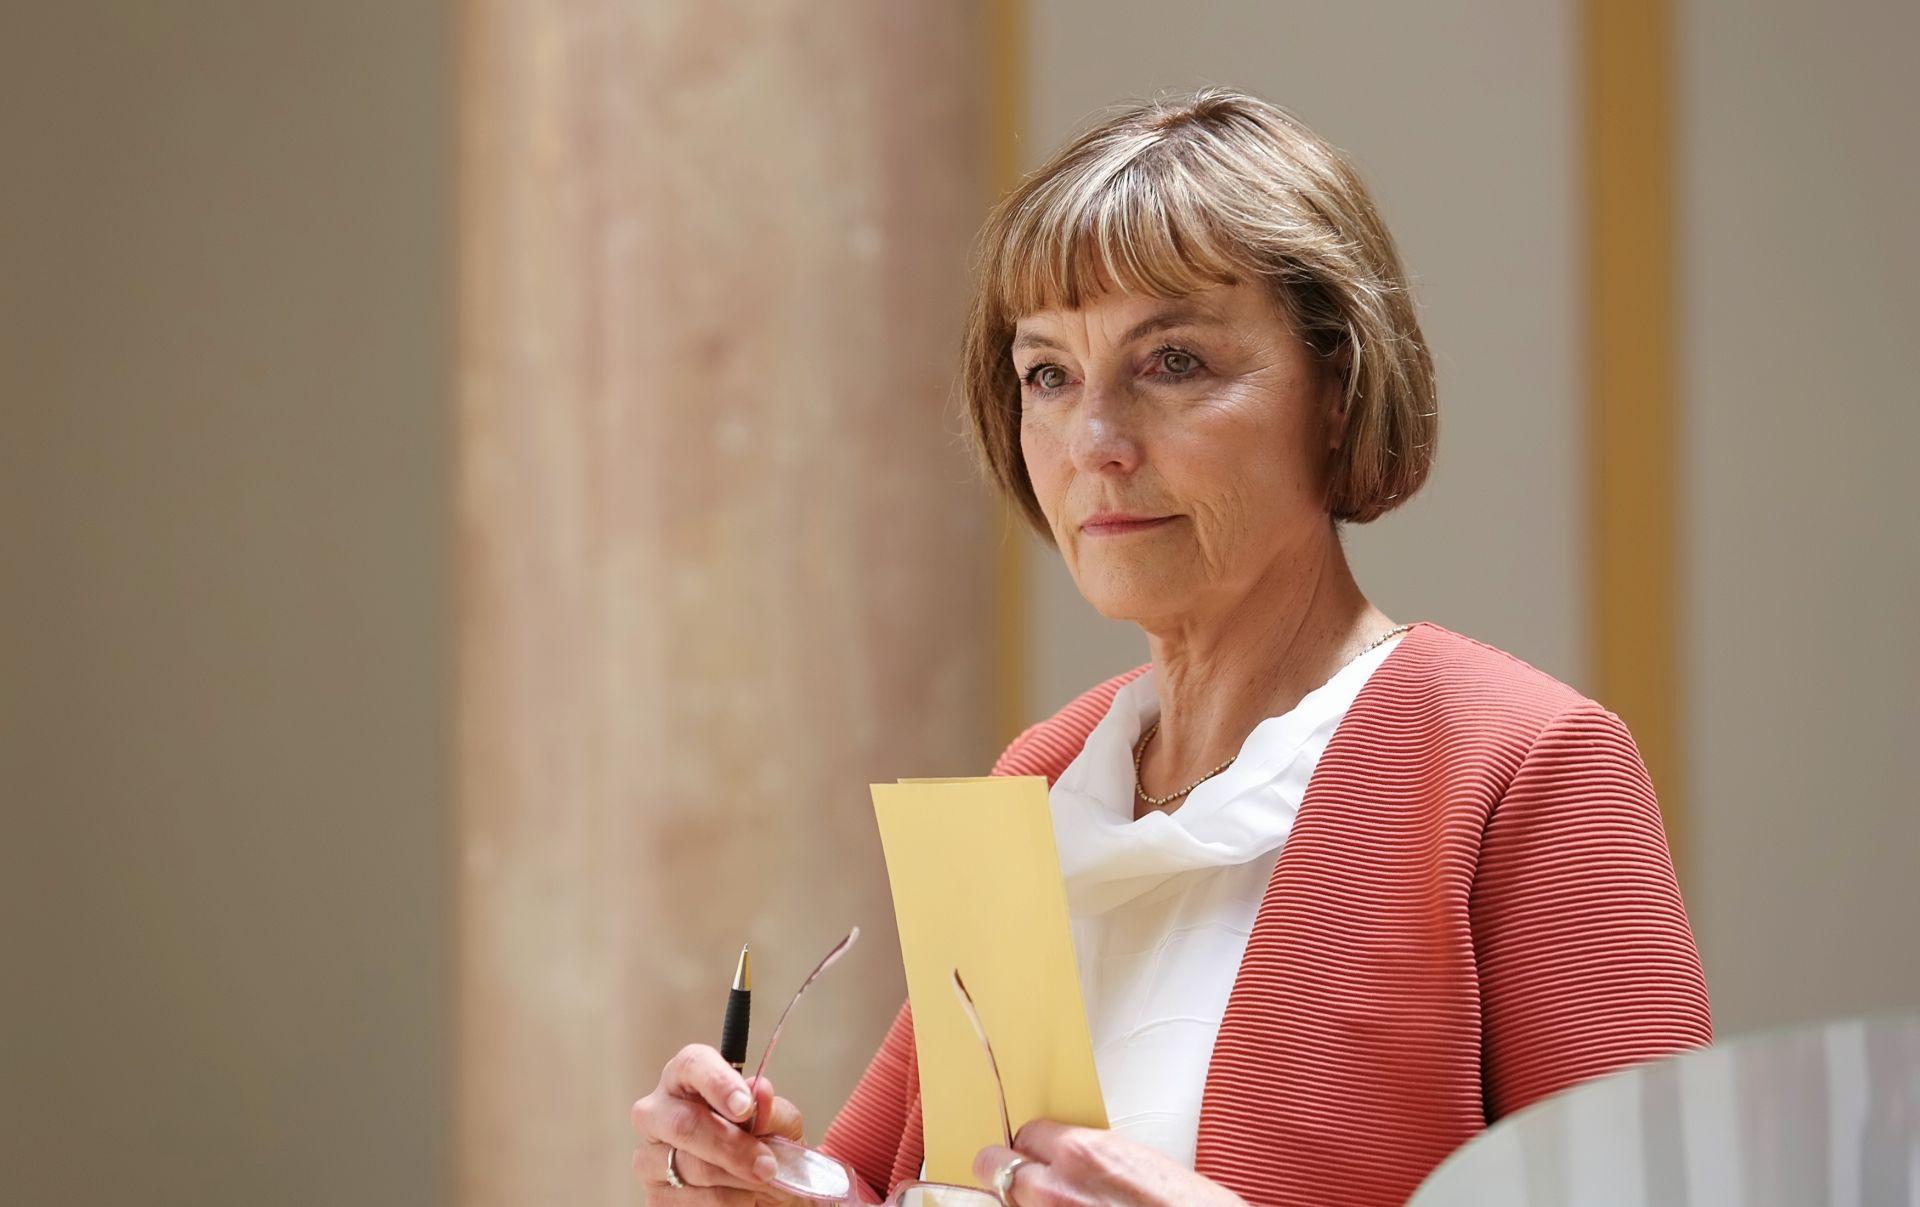 SLUČAJ ARBITRAŽA Pusić poslala pismo Arbitražnom sudu i Europskoj komisiji o kršenju postupka